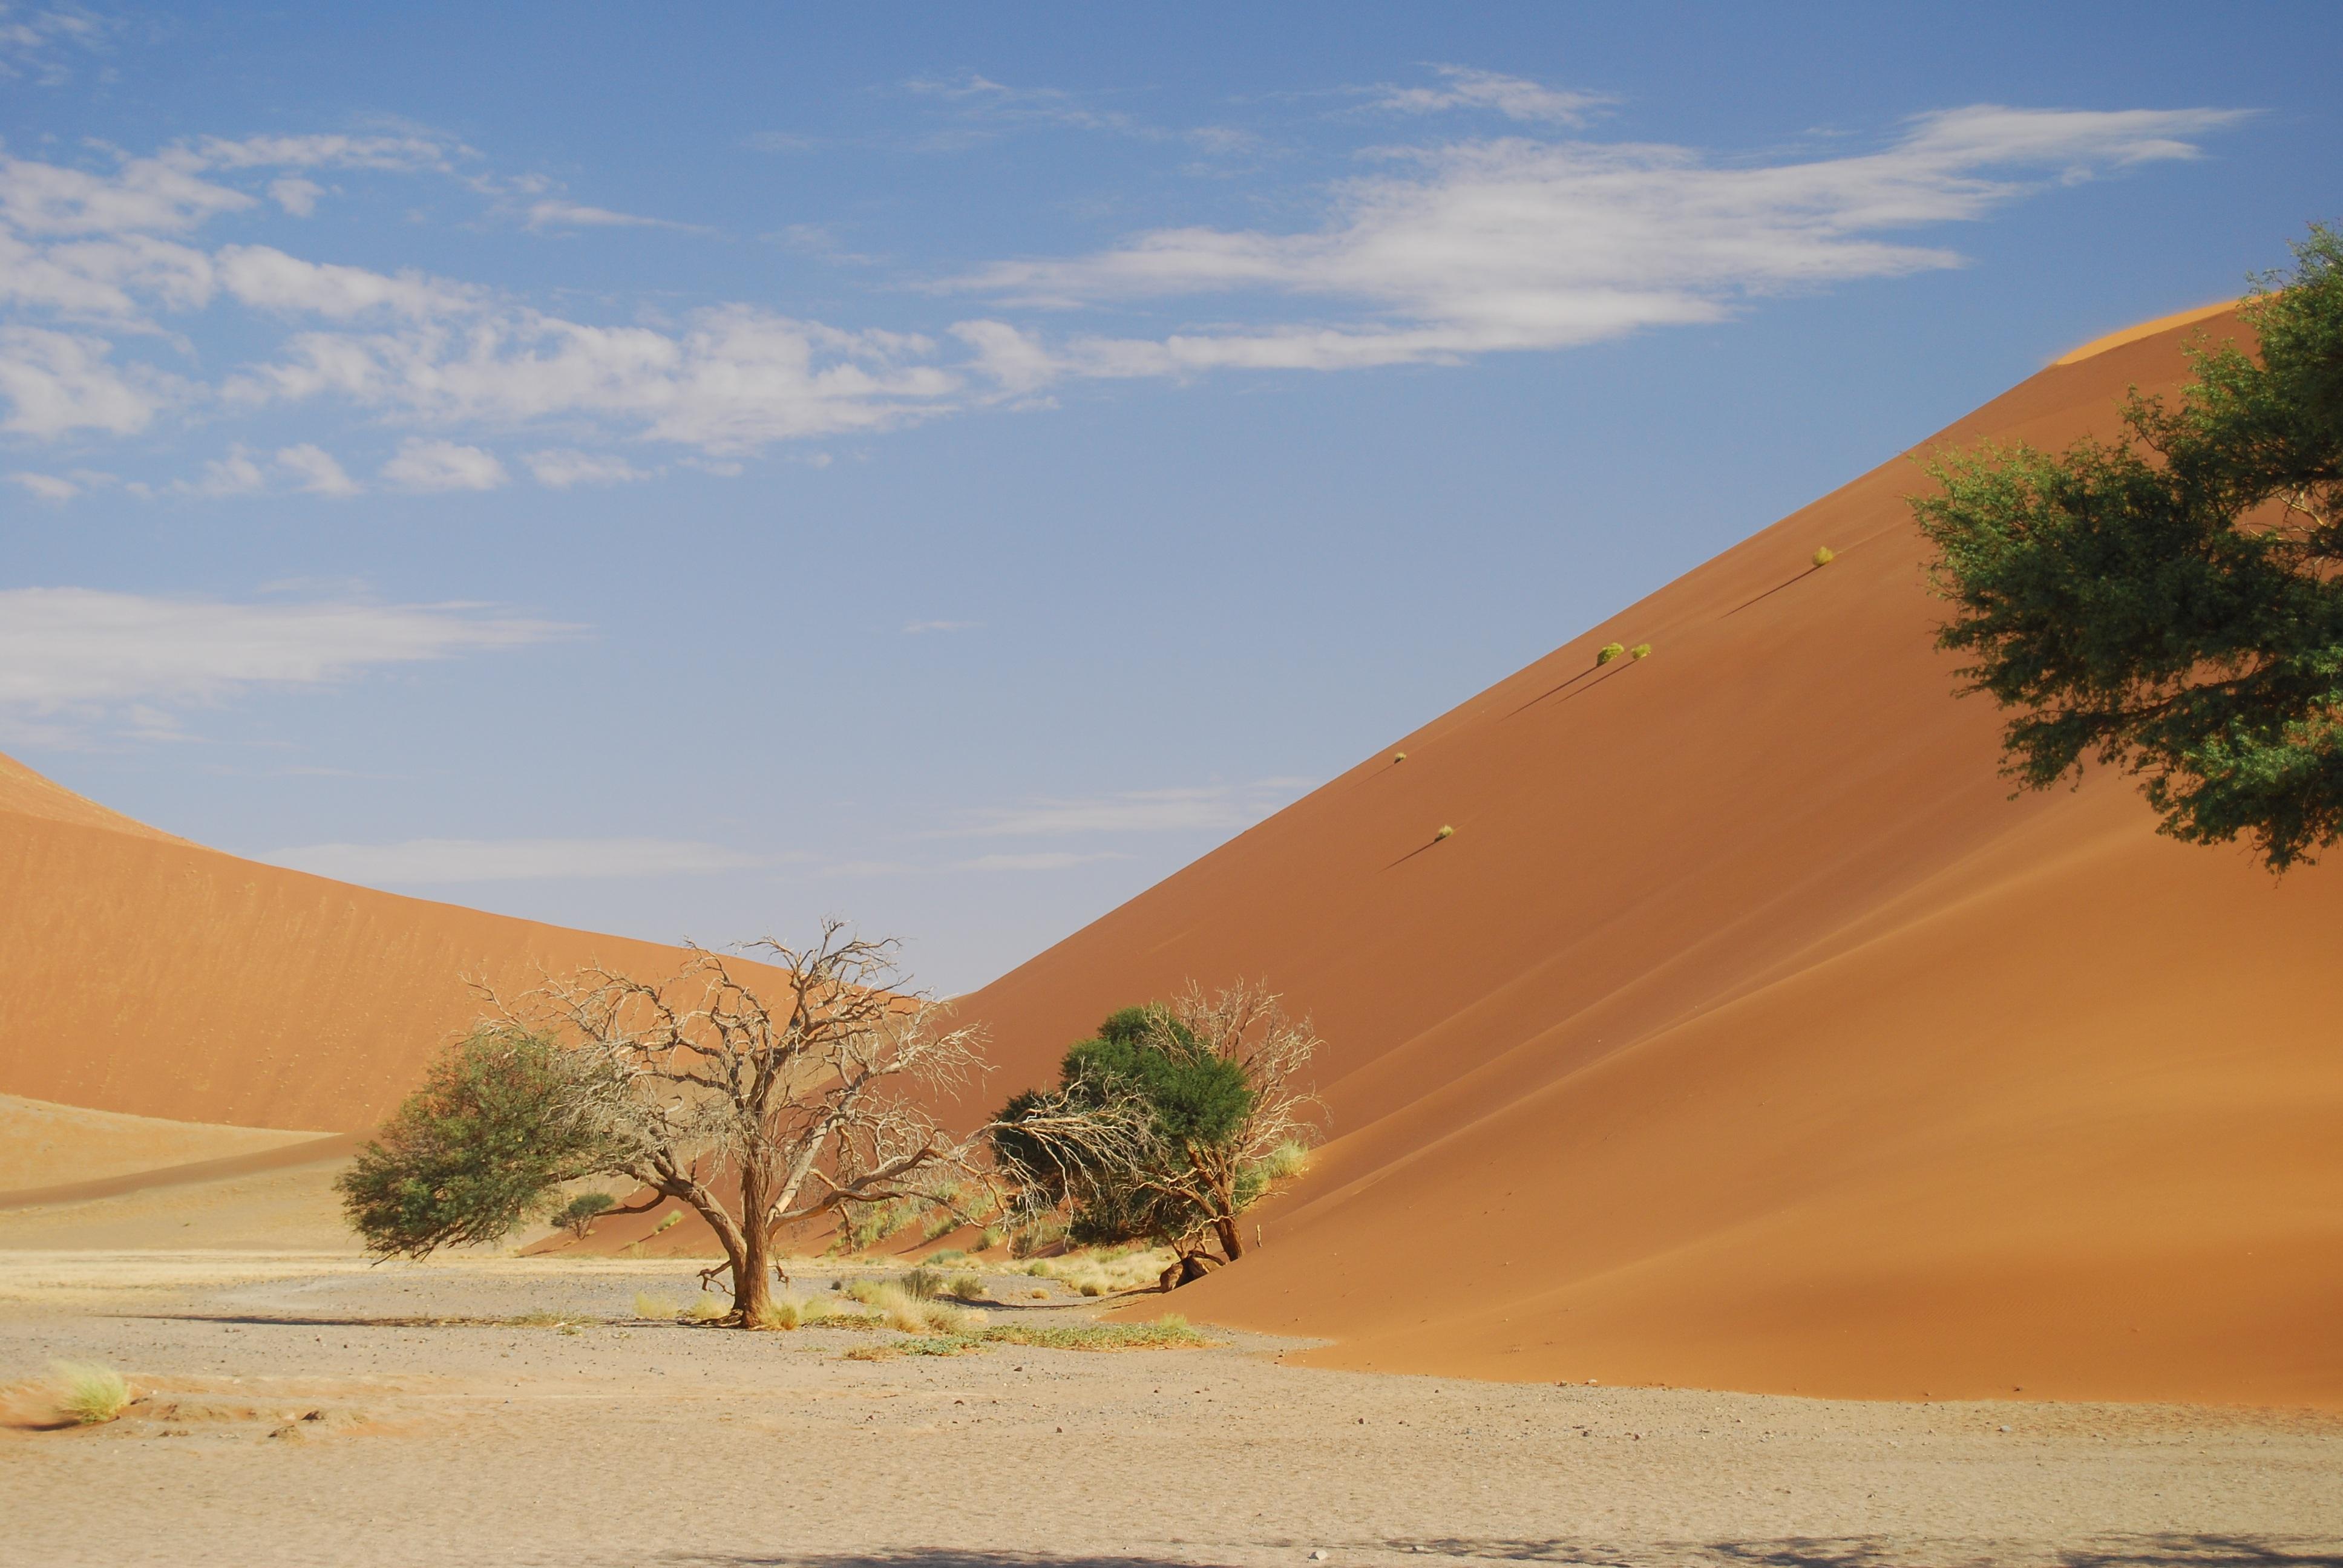 заботится песочные картинки африка бровь, затем